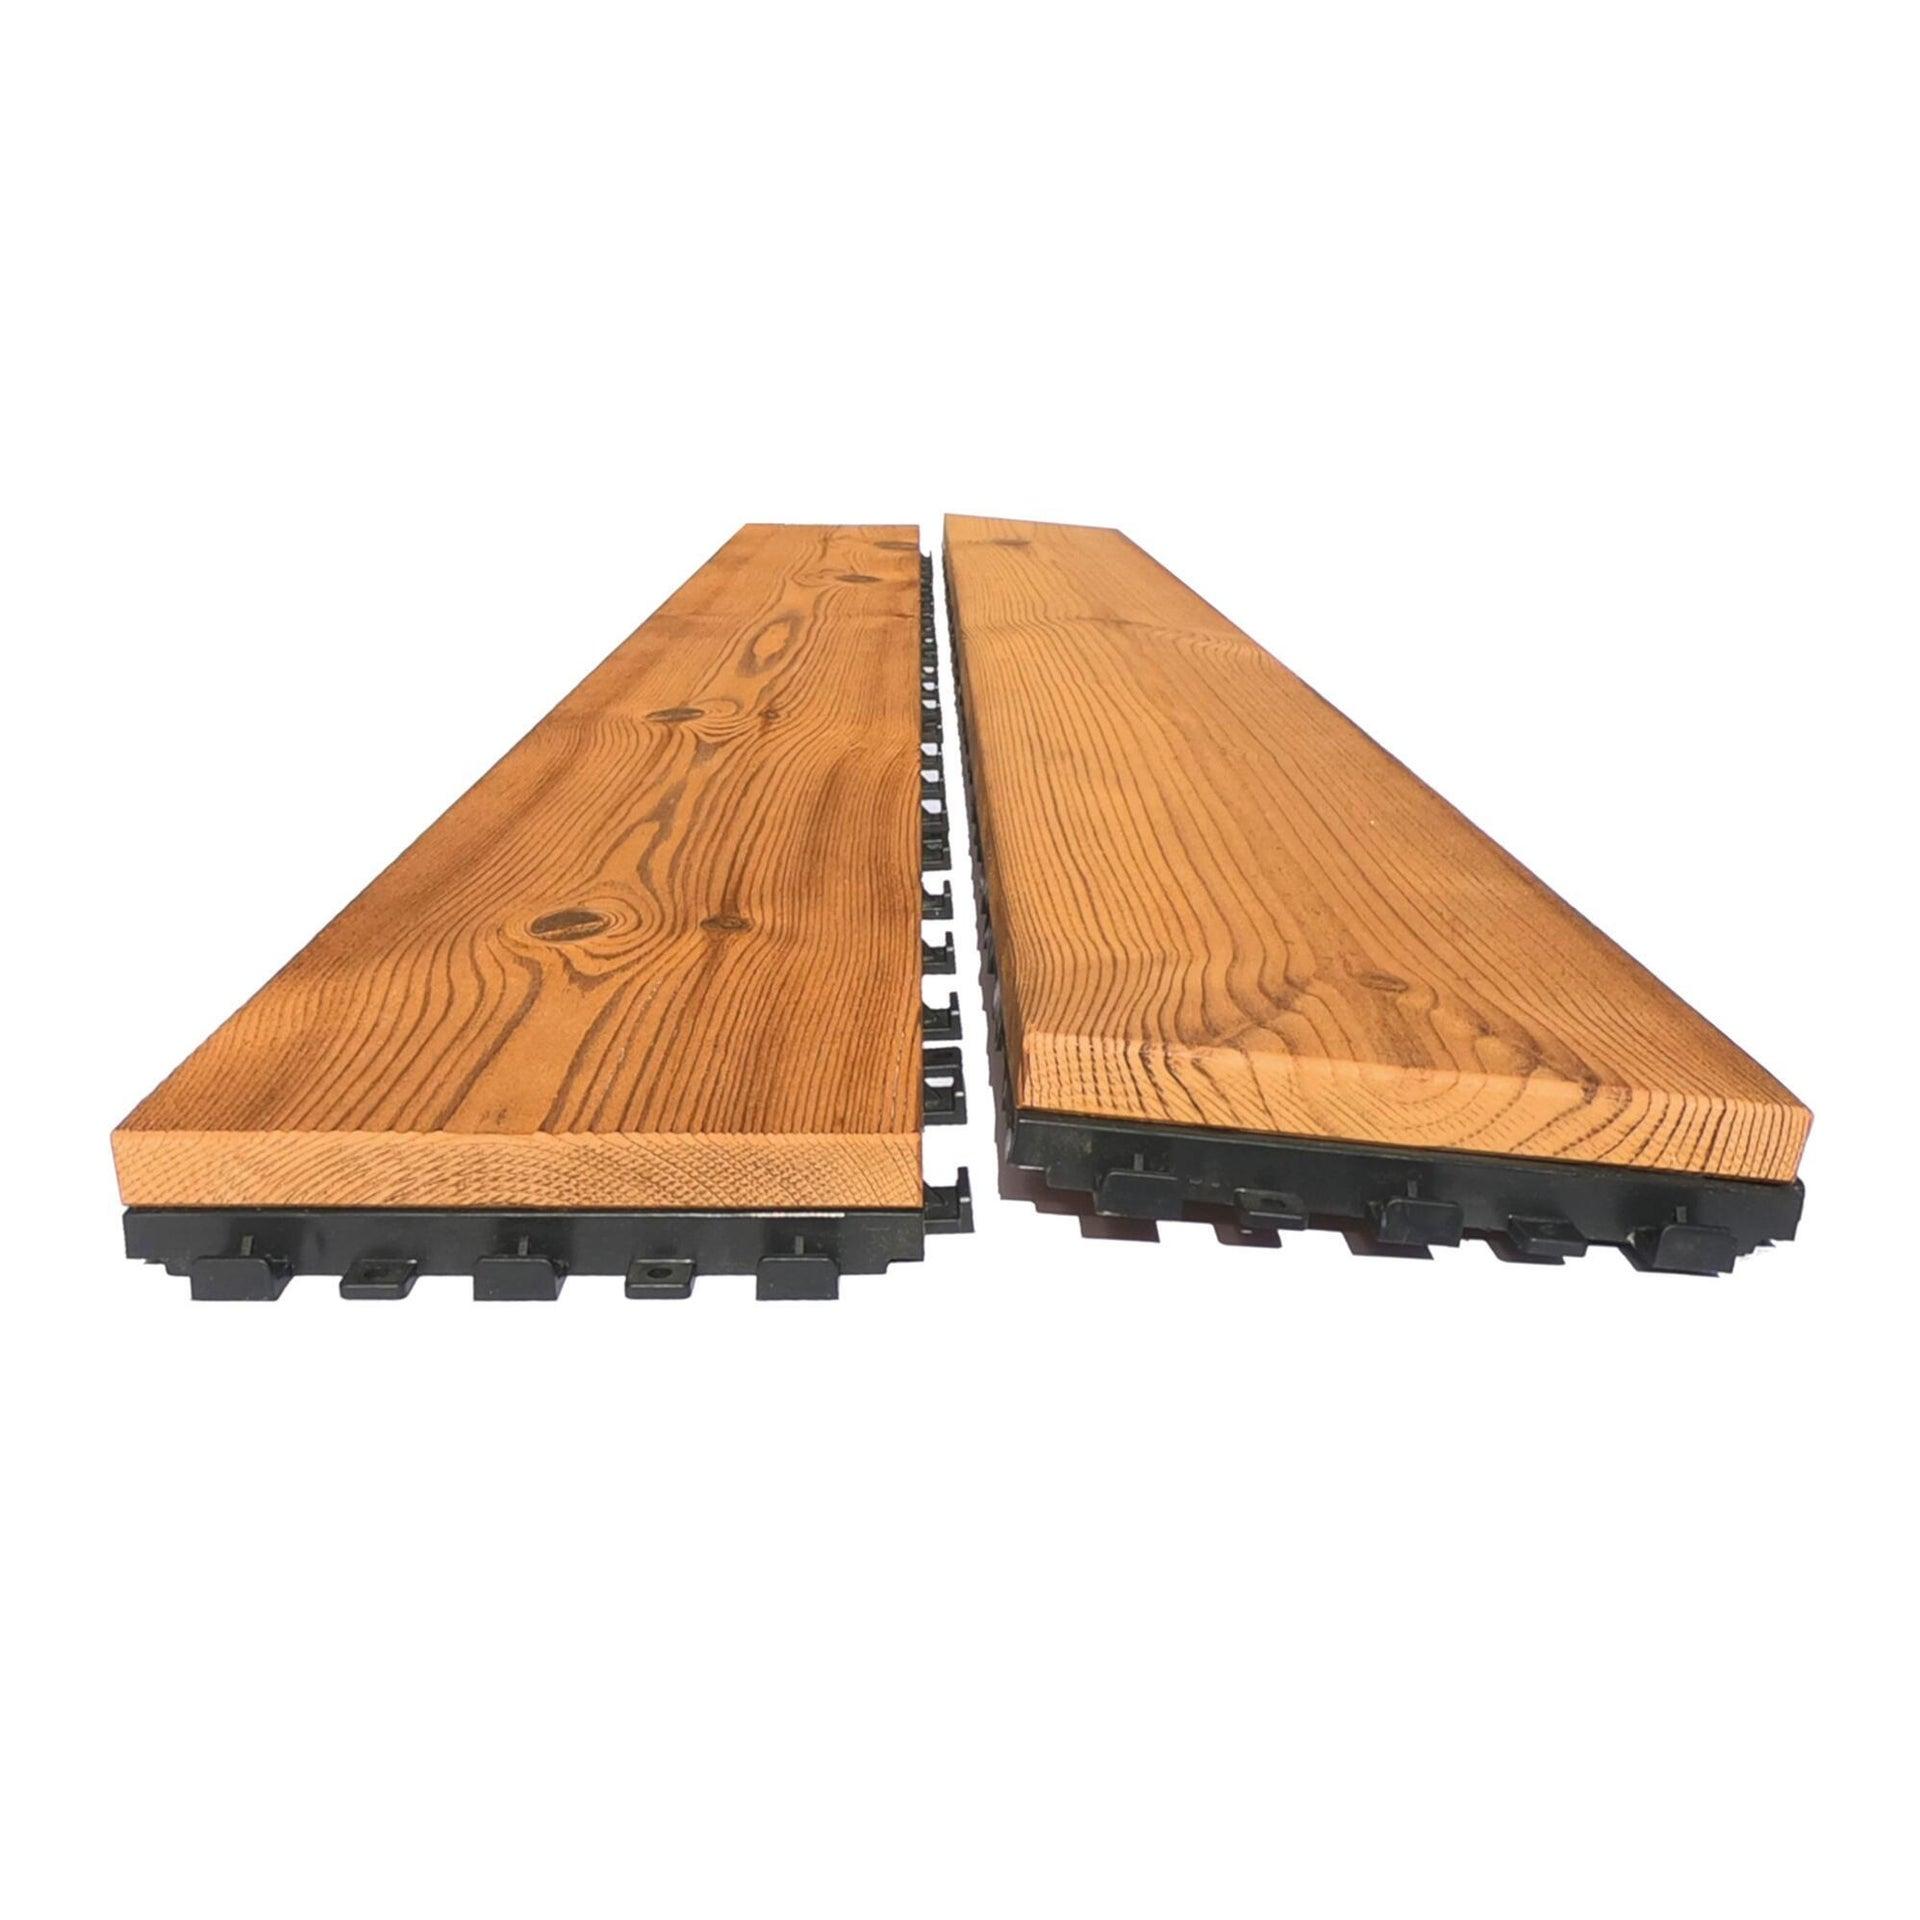 Listone da incastro in legno L 120 x H 15 cm, Sp 20.5 mm marrone - 13